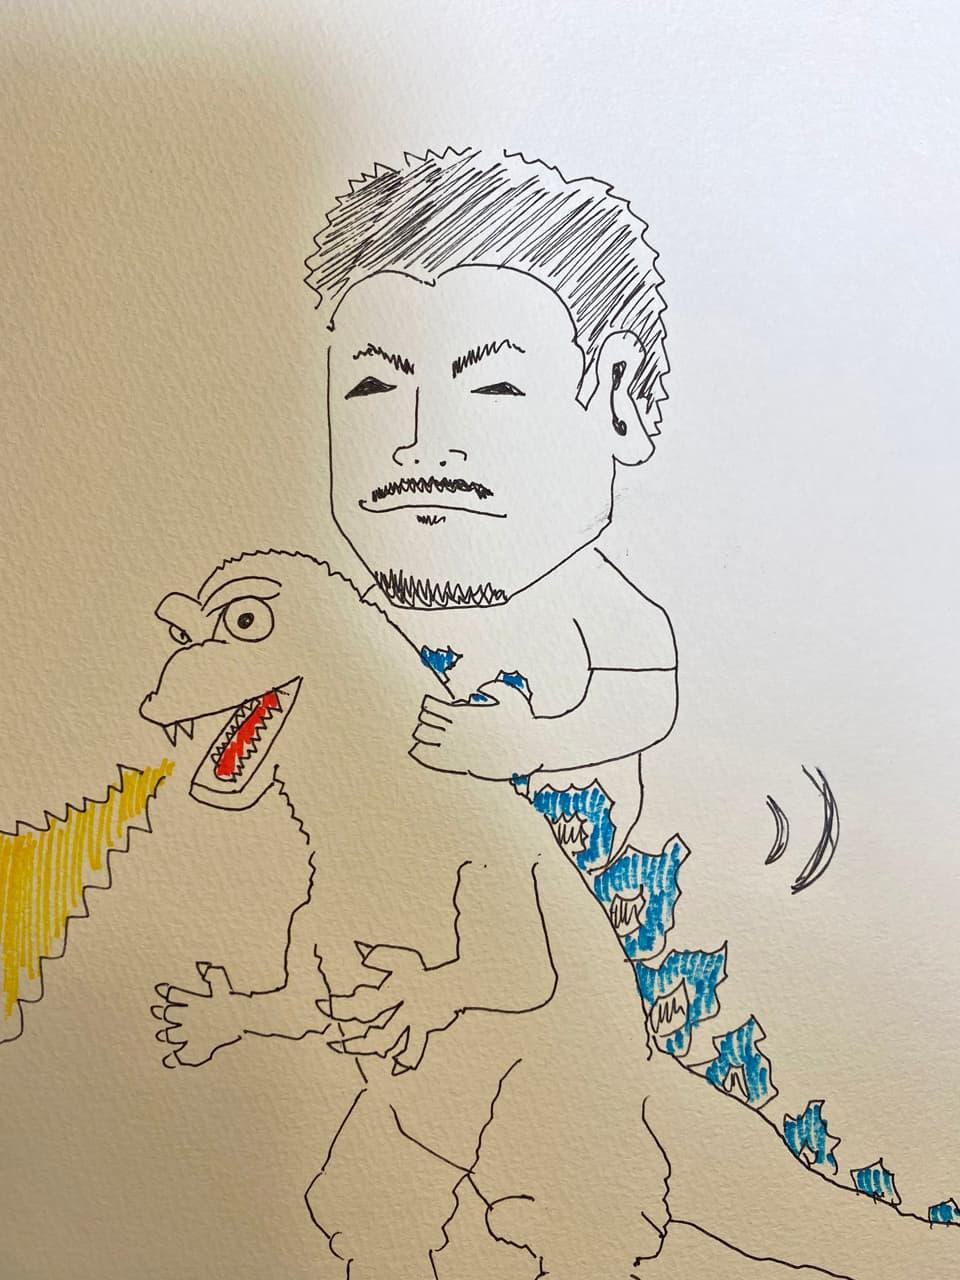 ゴジラを動かして遊んでいる様子のイラスト